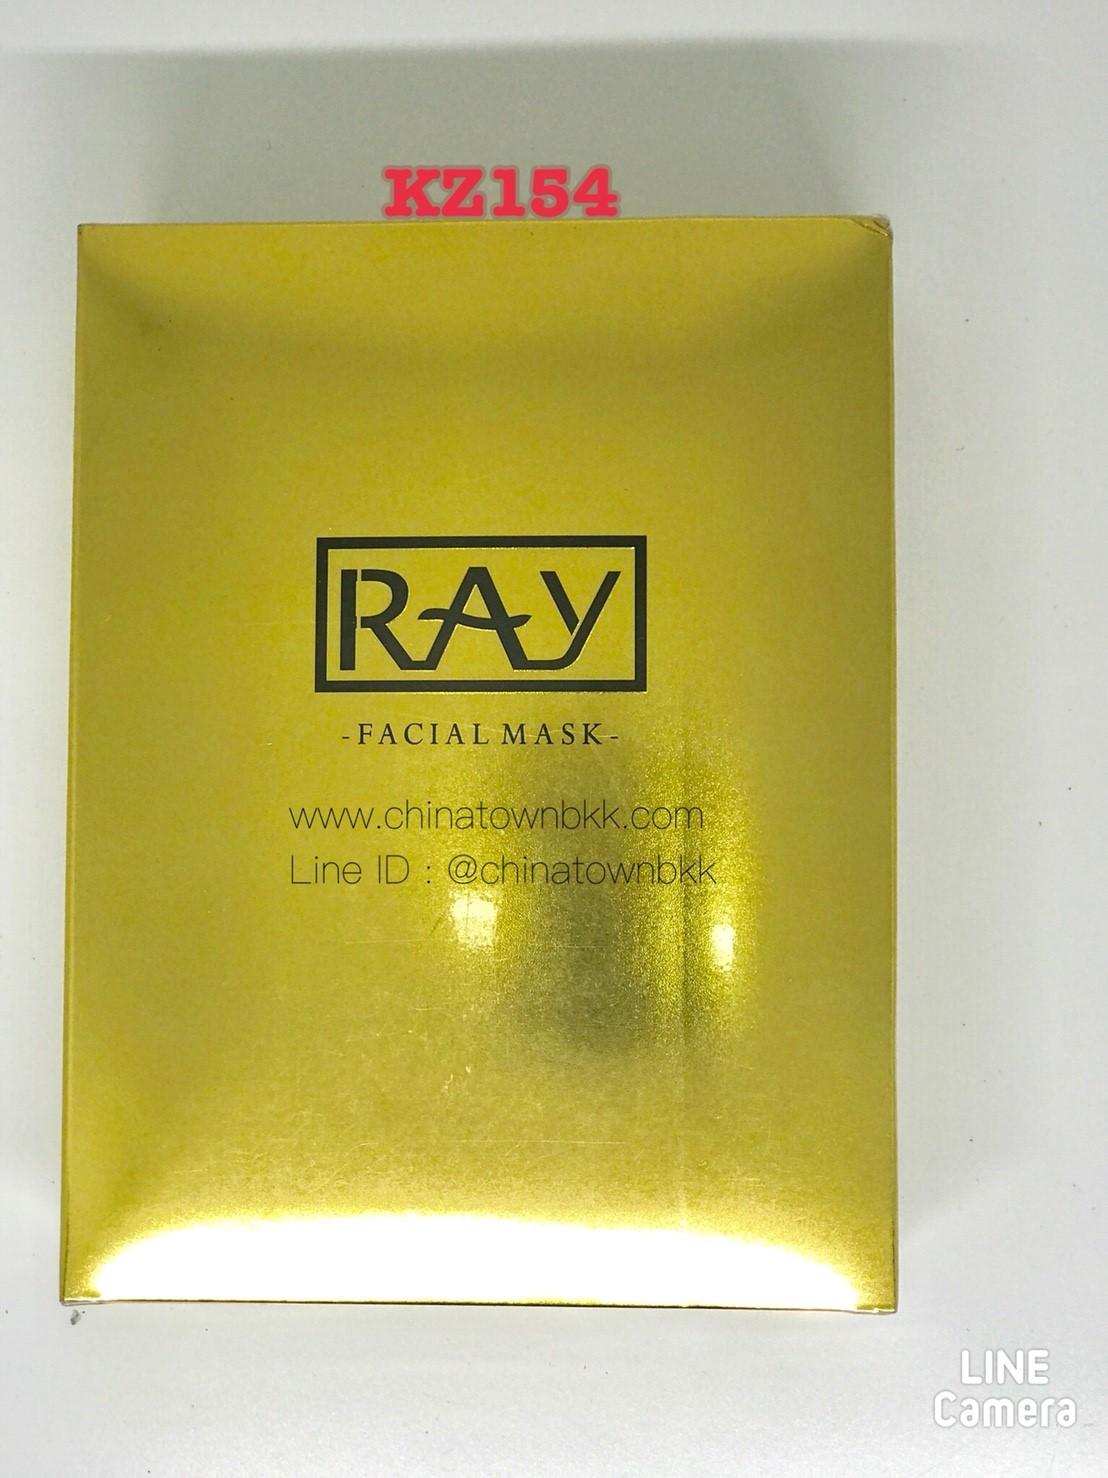 Ray Facial Mask Gold